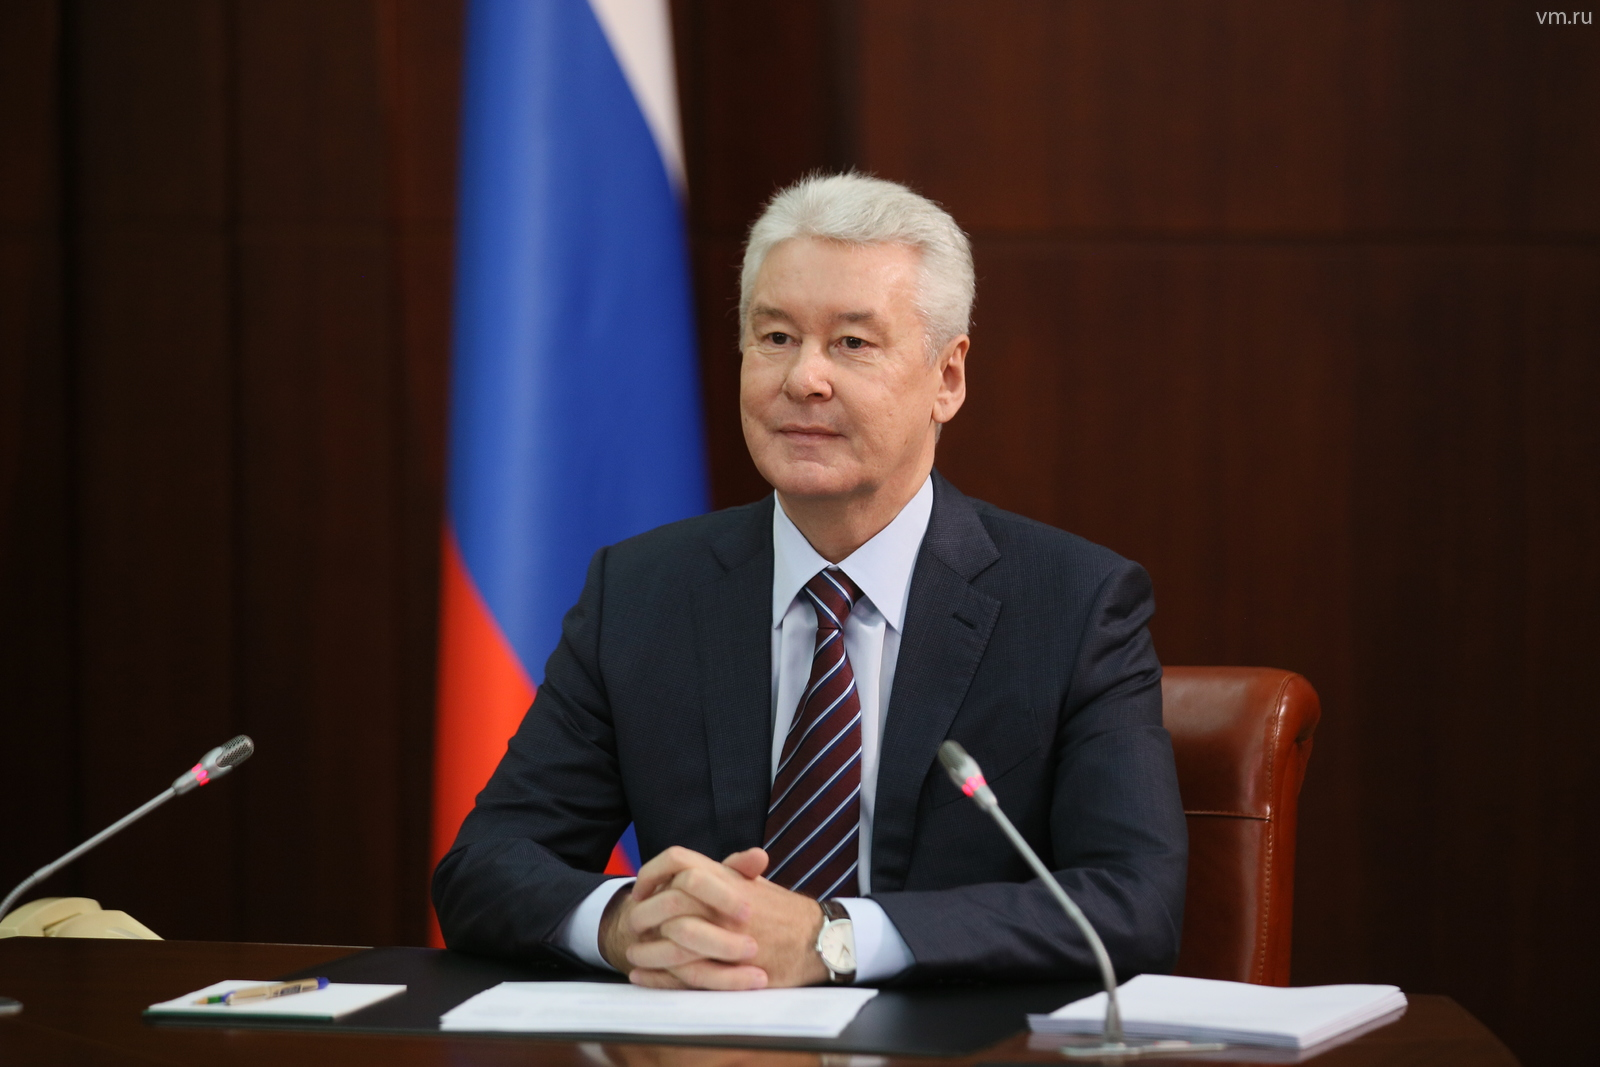 Москва заняла 1-е место в Национальном рейтинге состояния инвестиционного климата в субъектах Российской Федерации, отметил глава города